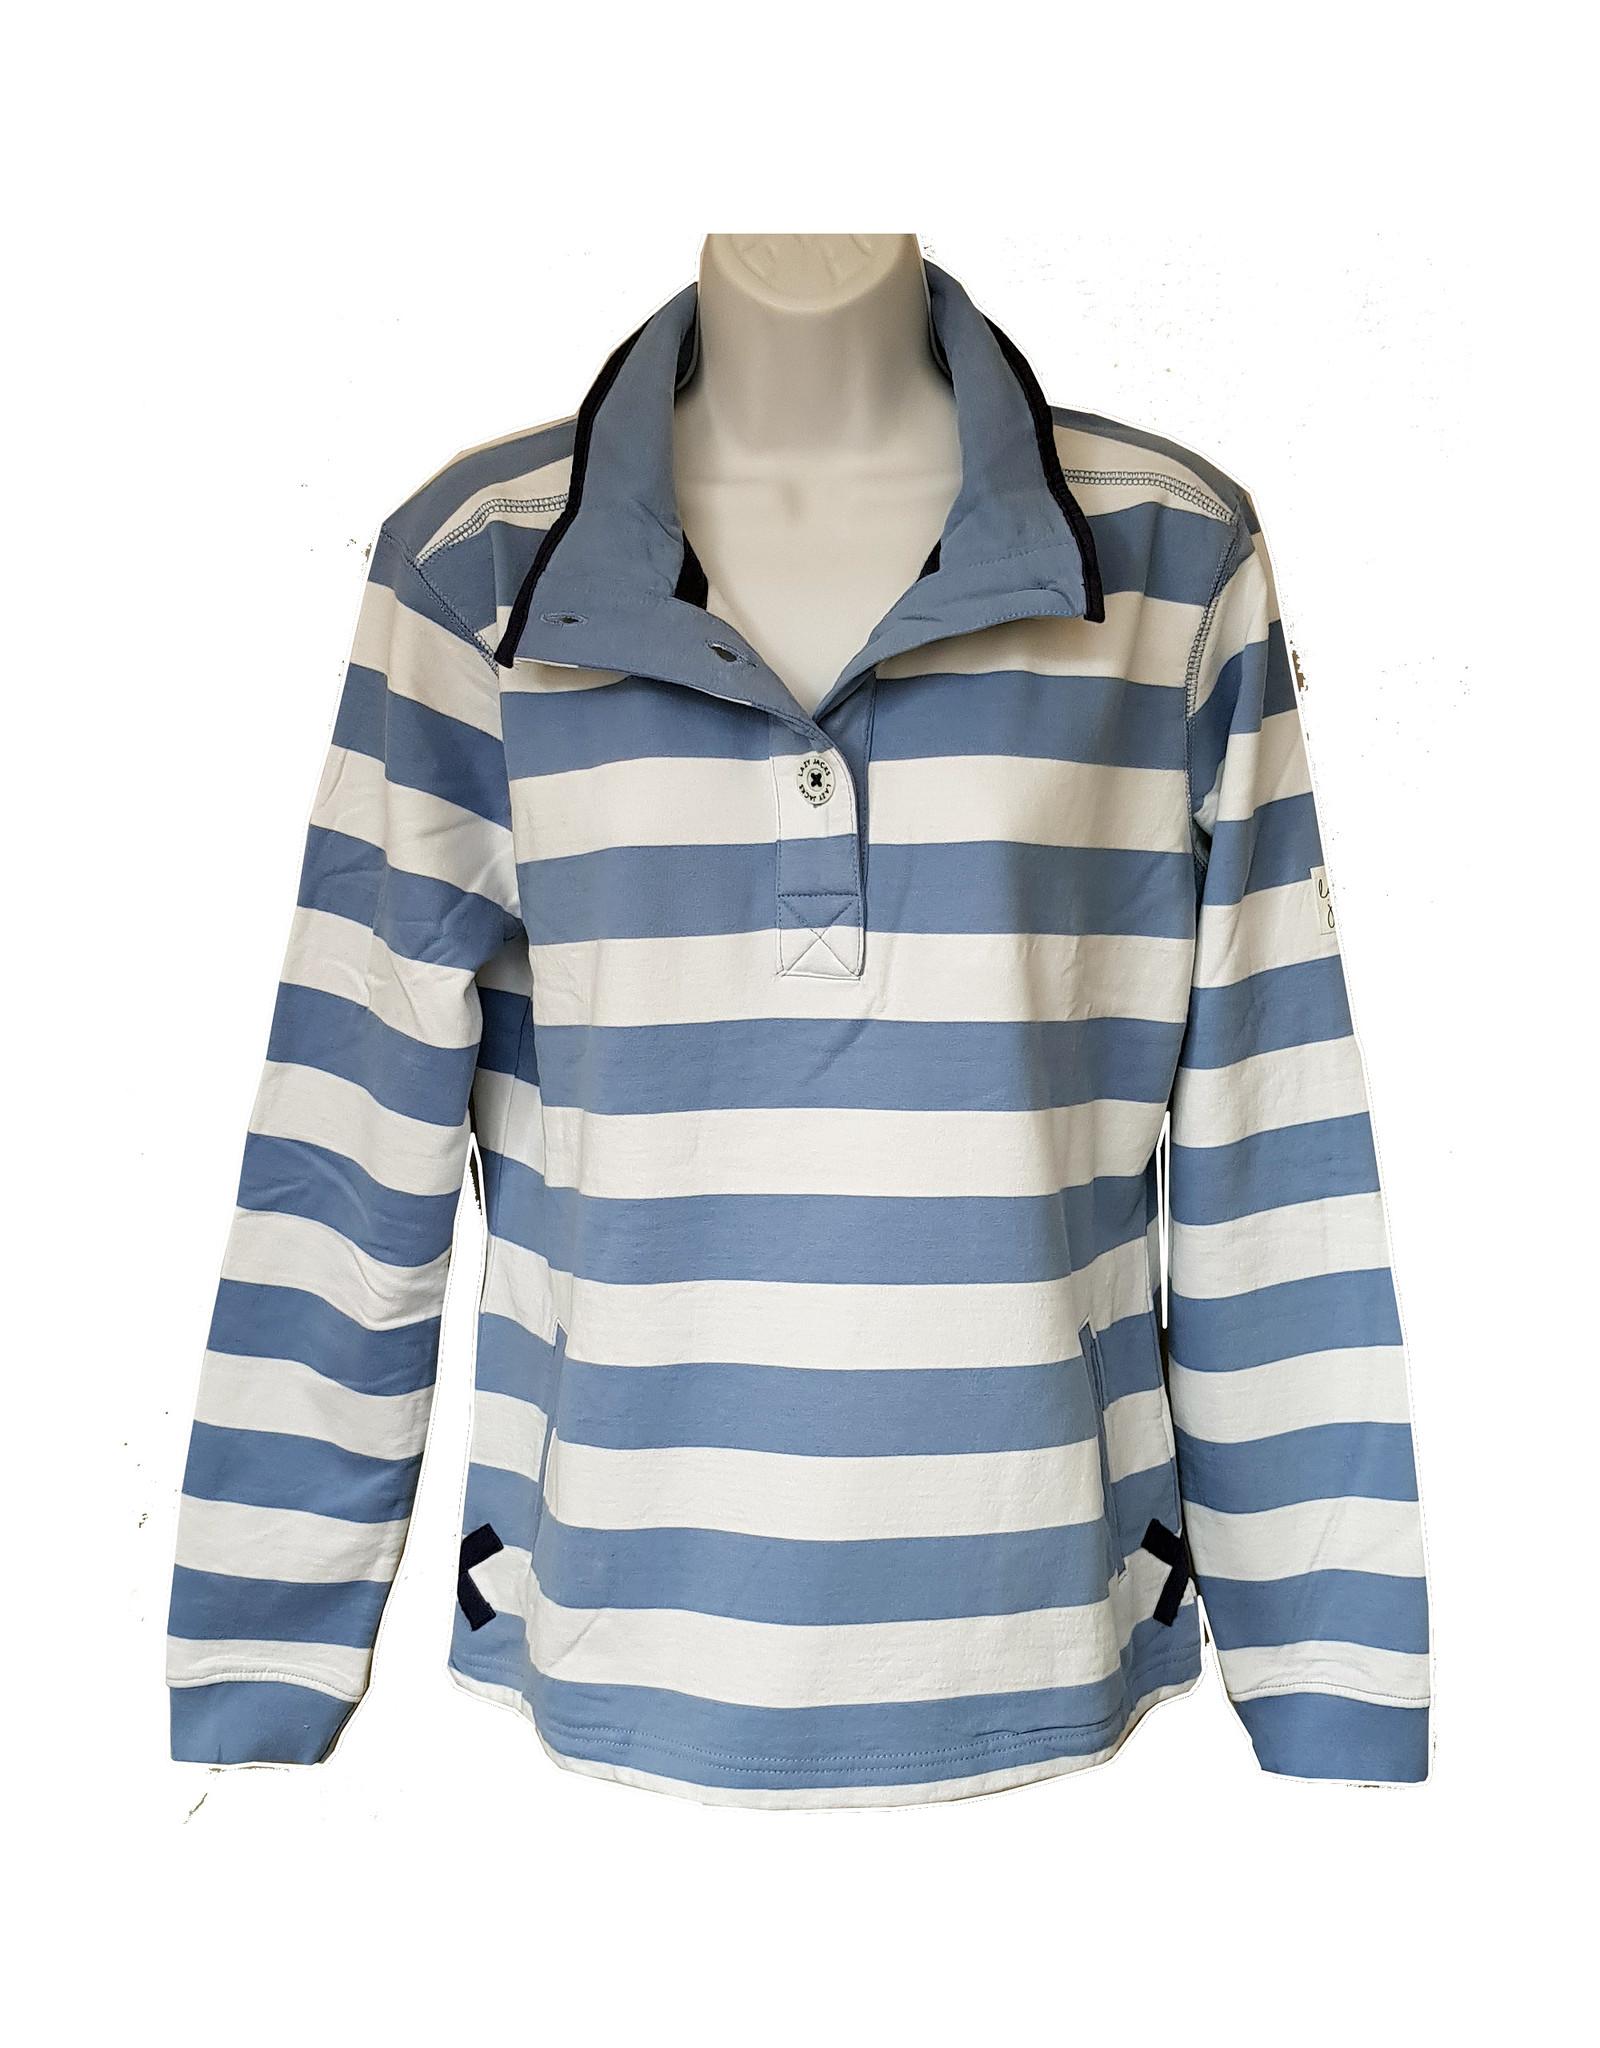 Lazy Jacks Lazy Jacks Slim Striped Sweatshirt LJ6 - Cardigan Bay Dolphin